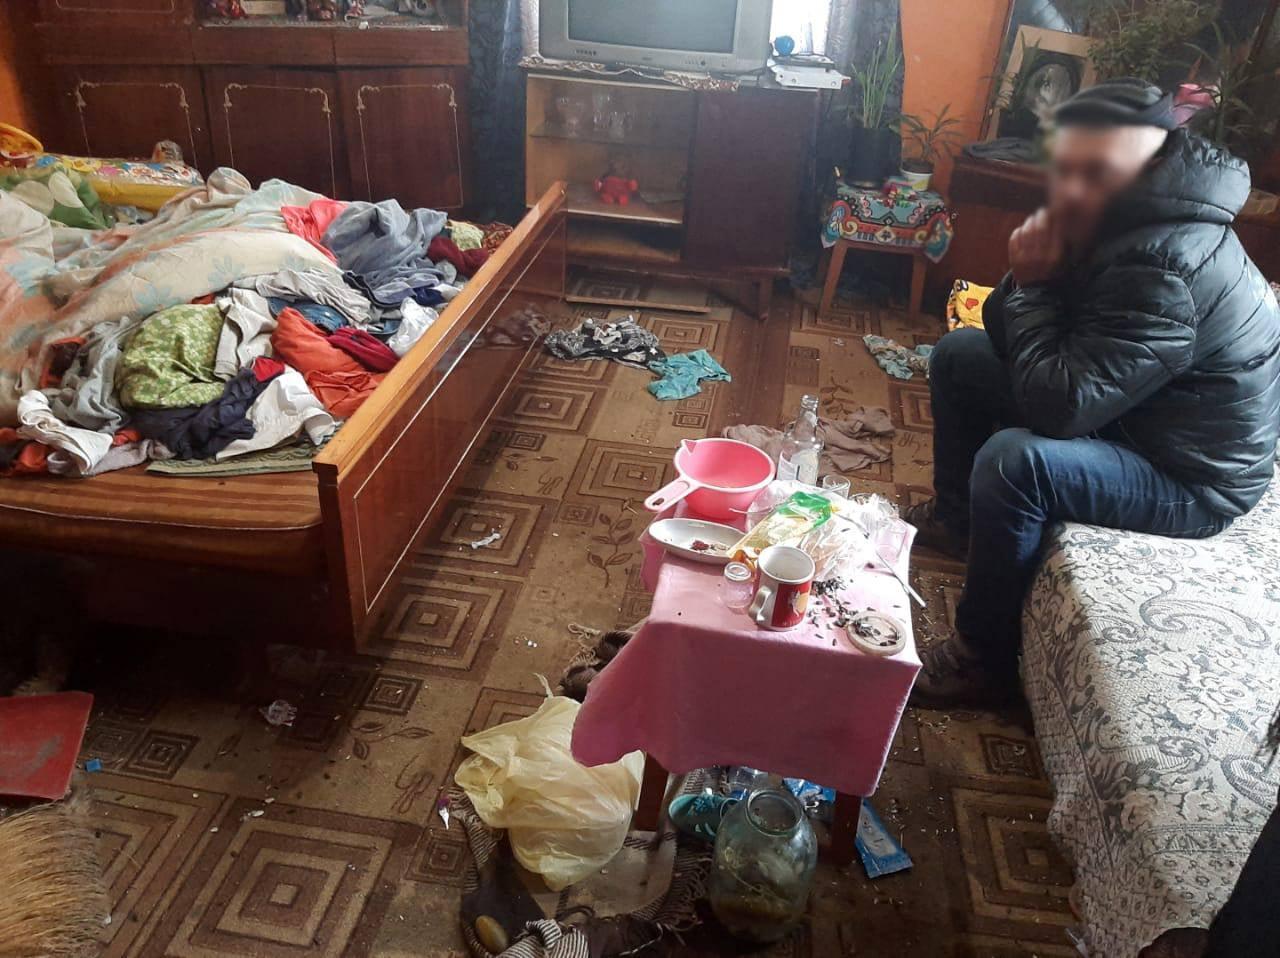 Не їли і жили в бруді: у селі під Франківськом у батьків-пияків вилучили двох діток-дошкільнят (ФОТО)